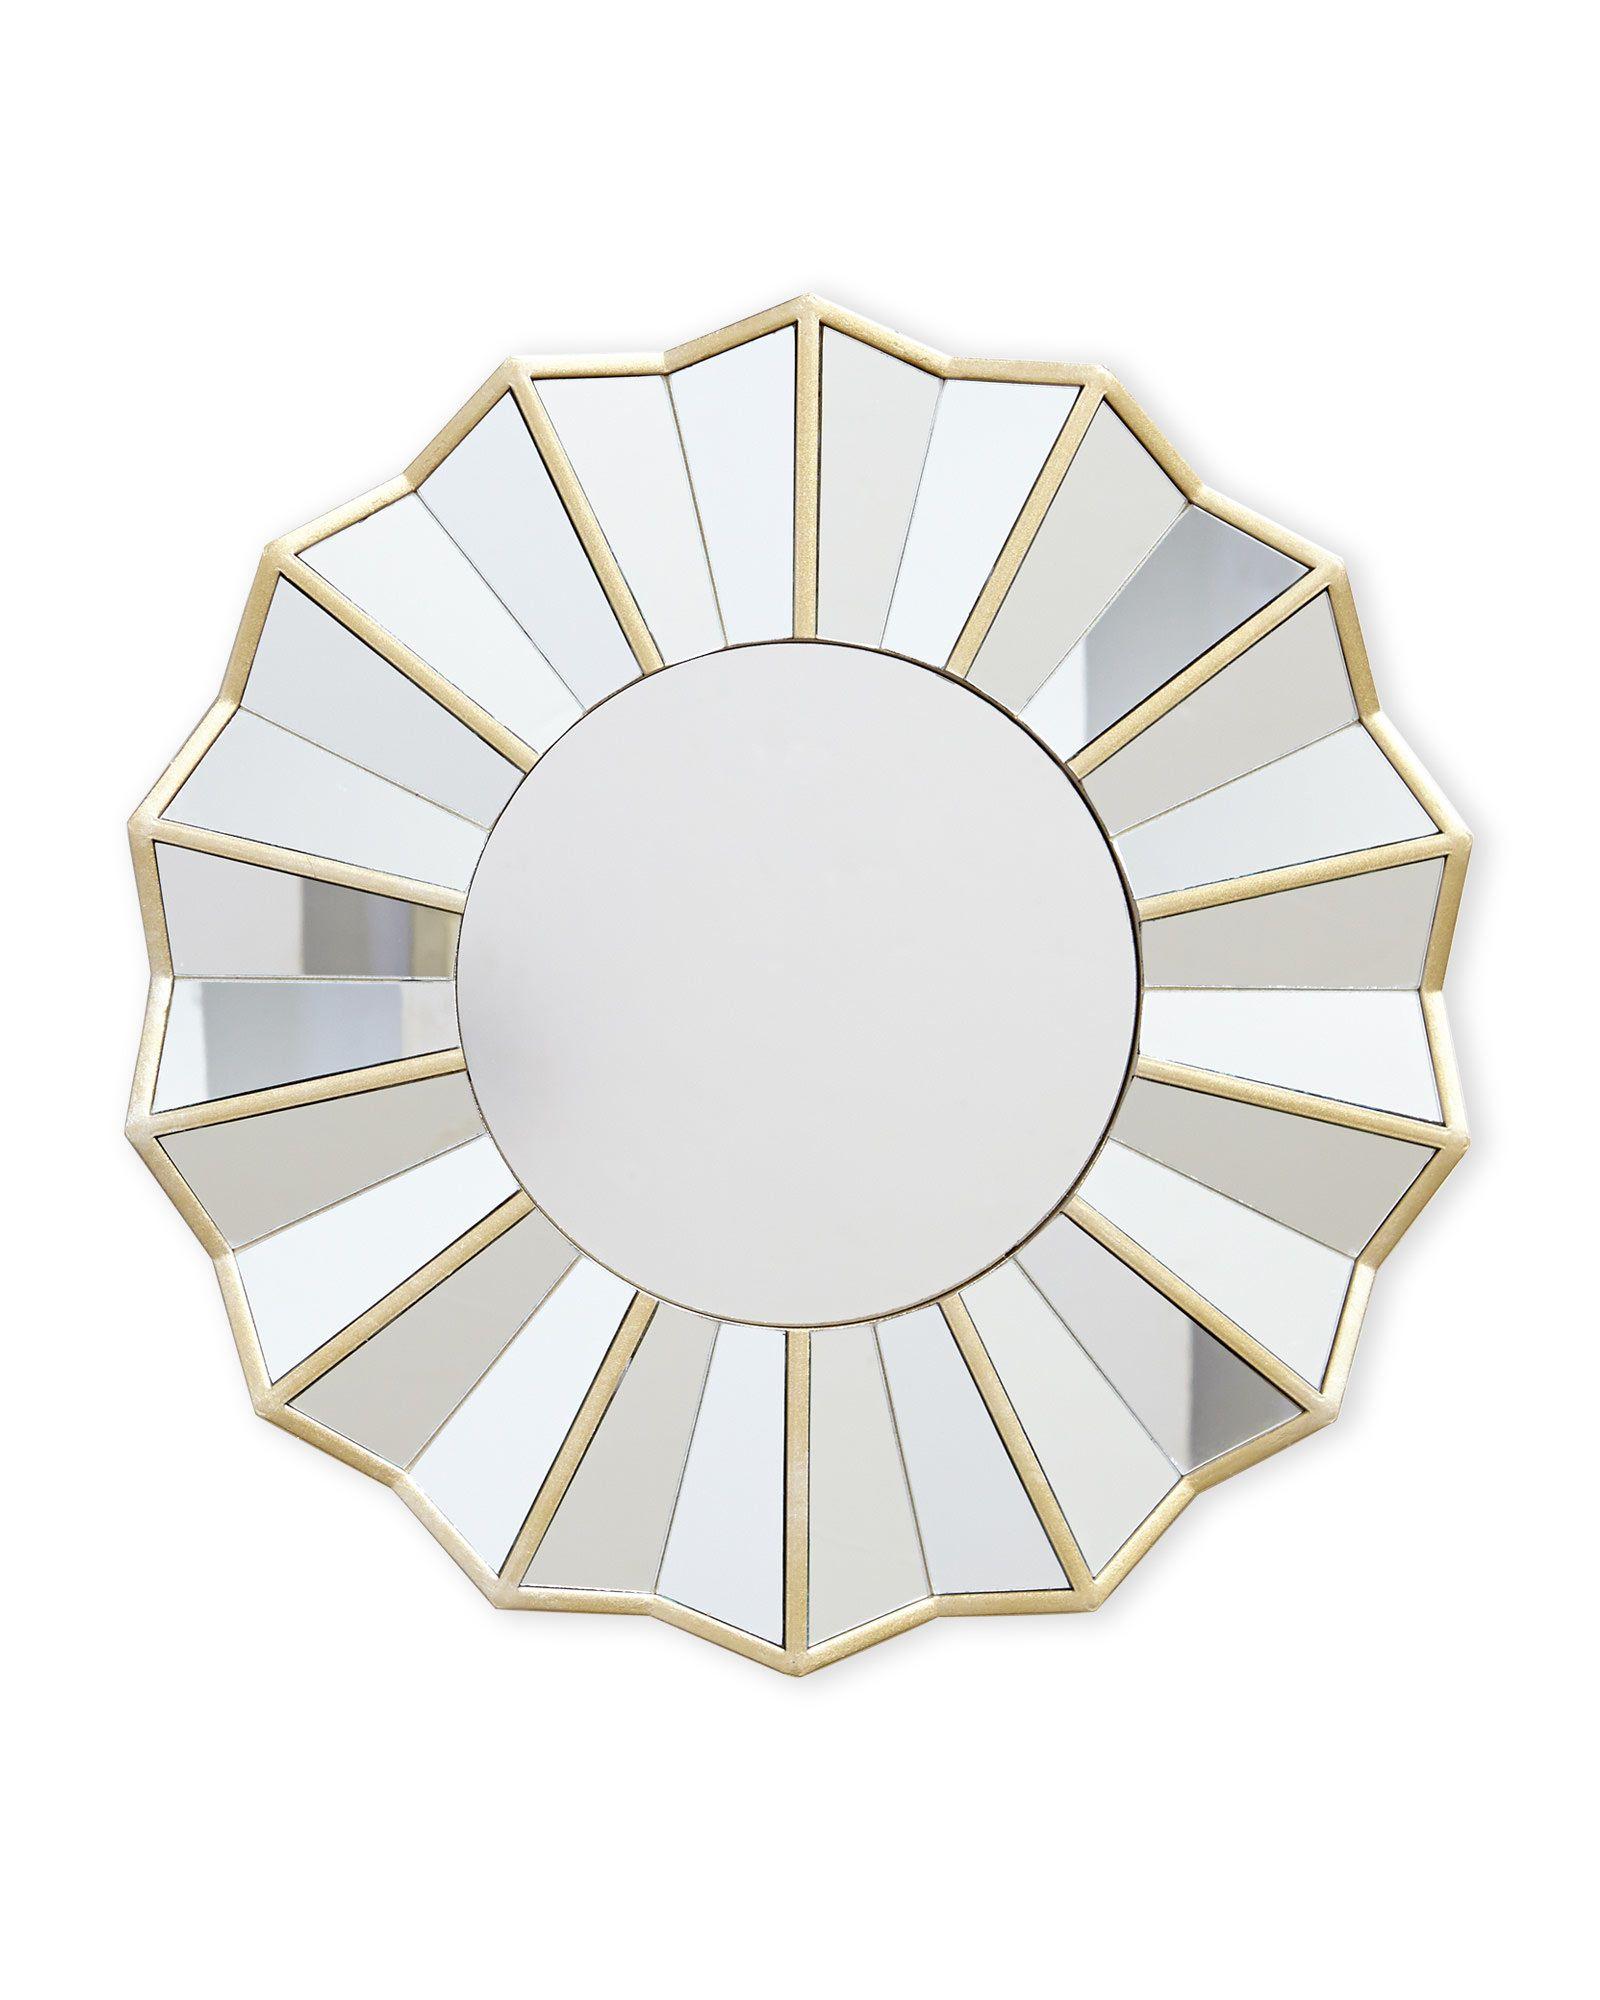 Parisian Home 14 X Decorative Multi Panel Mirror Accent